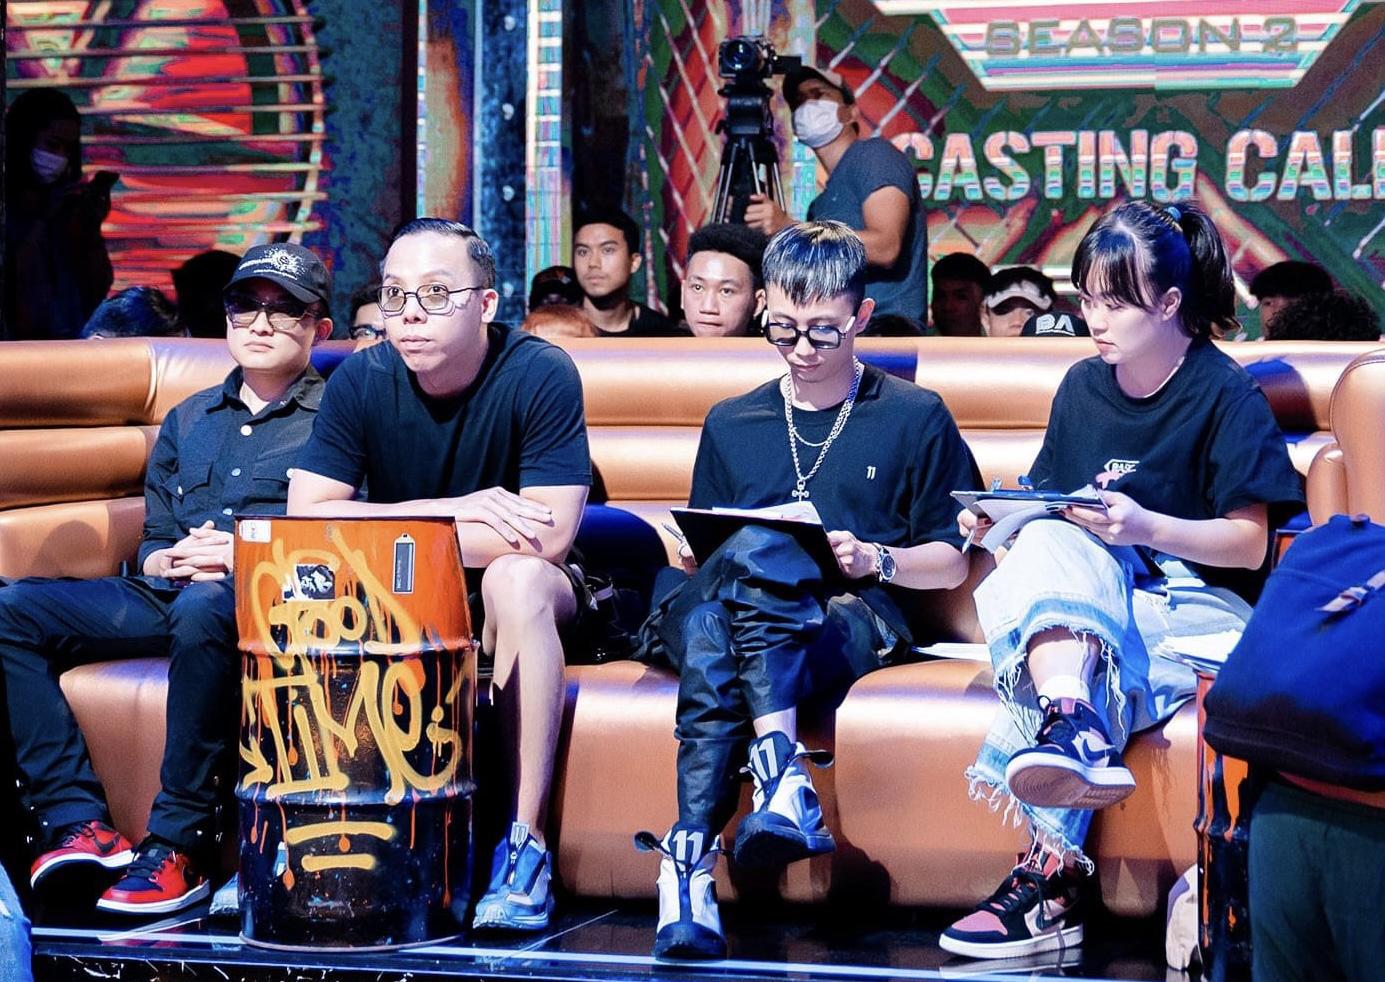 """Chỉ mới vòng casting, Rap Việt mùa 2 đã gây bão, liệu """"đế chế"""" SpaceSpeakers có tiếp tục tạo nên một mùa thi """"Ơ mây zing, gút chóp""""? - Ảnh 5."""